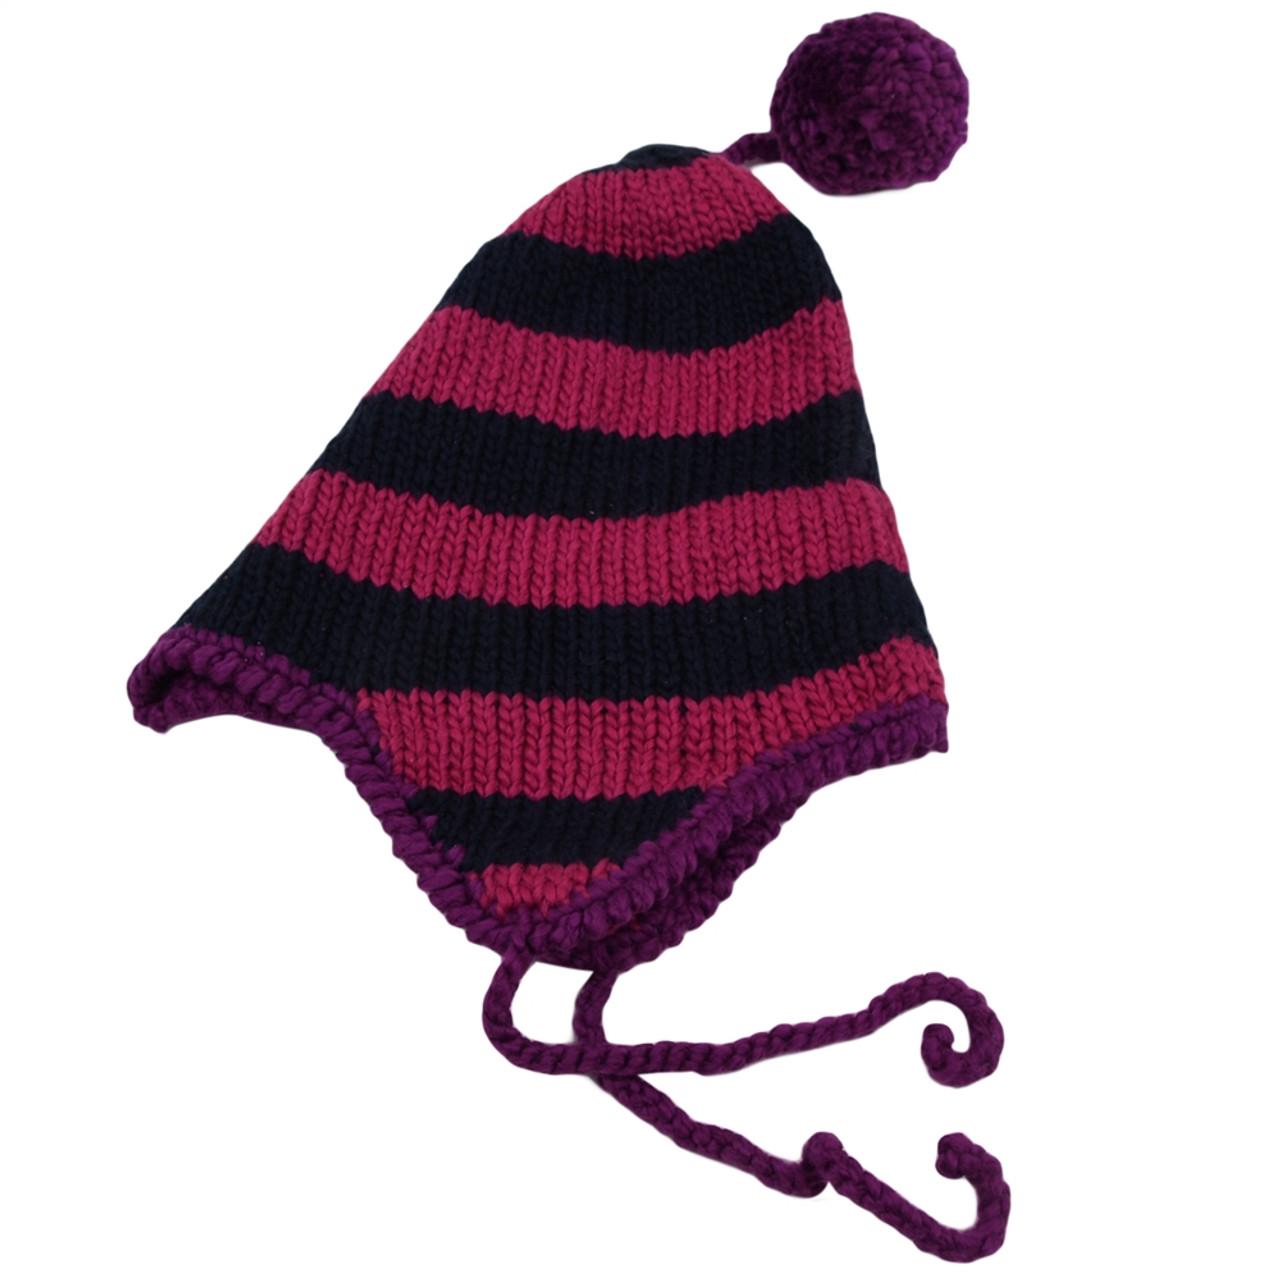 Organic Knit Hat with Pom Pom - 2-4Y